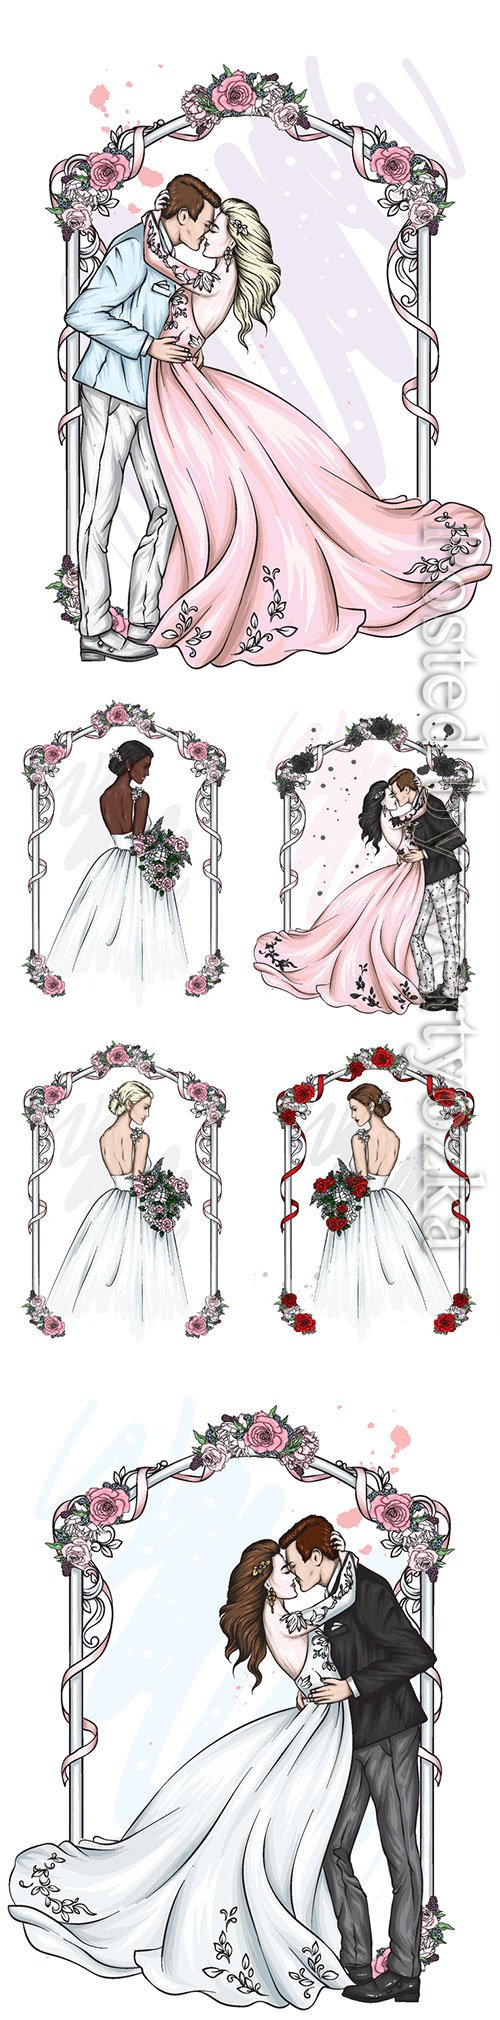 Groom and bride wedding vector